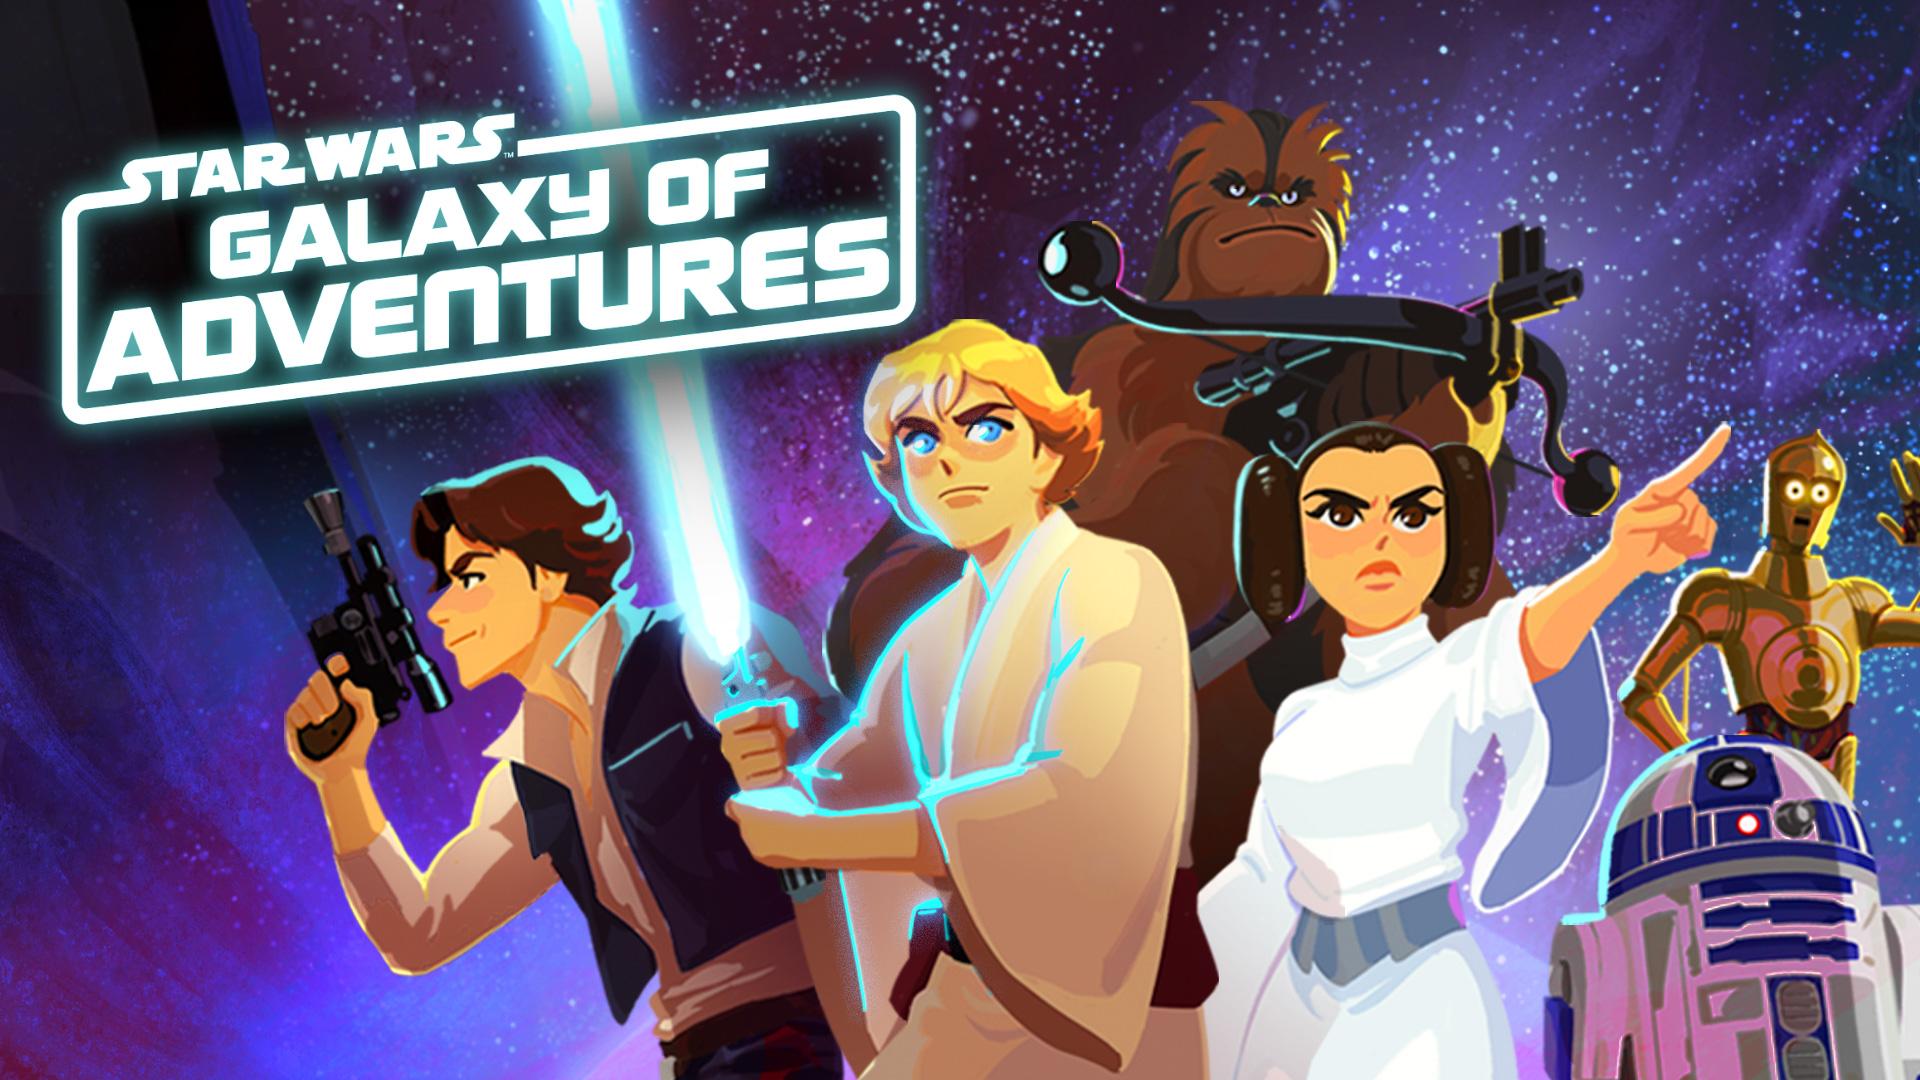 Star Wars Galaxy of Adventures acerca los personajes clásicos a una nueva generación